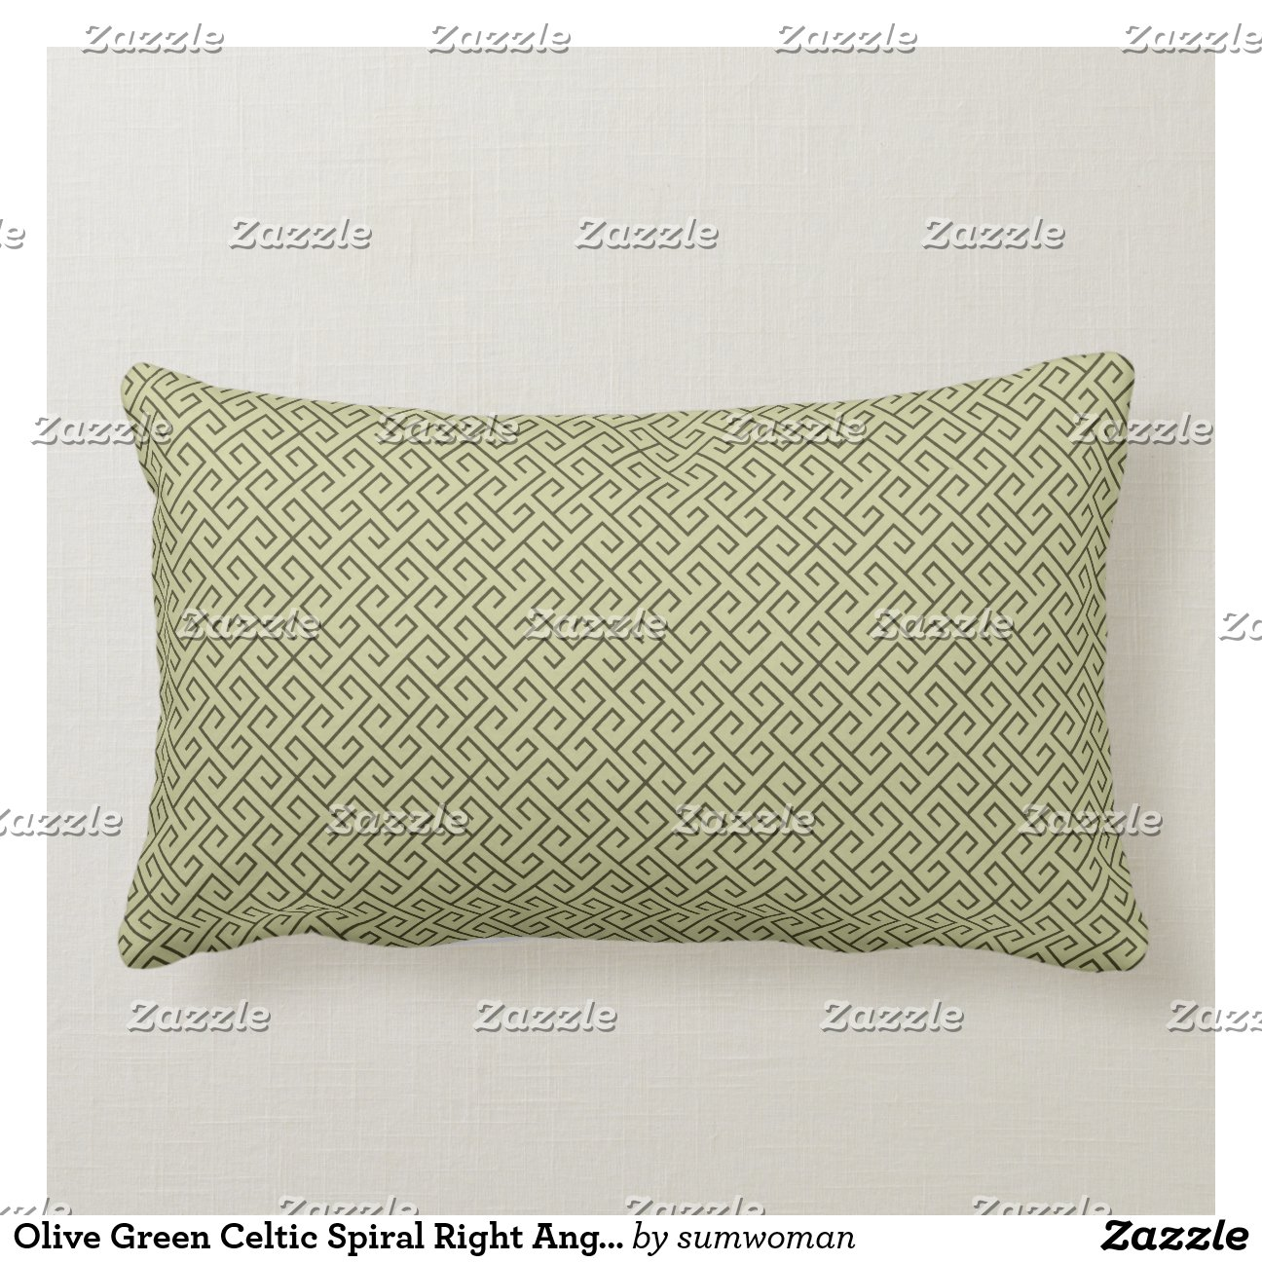 Lijnen van de rechte hoek van de olijf de groene k sierkussen zazzle - Sofa van de hoek uitstekende ...